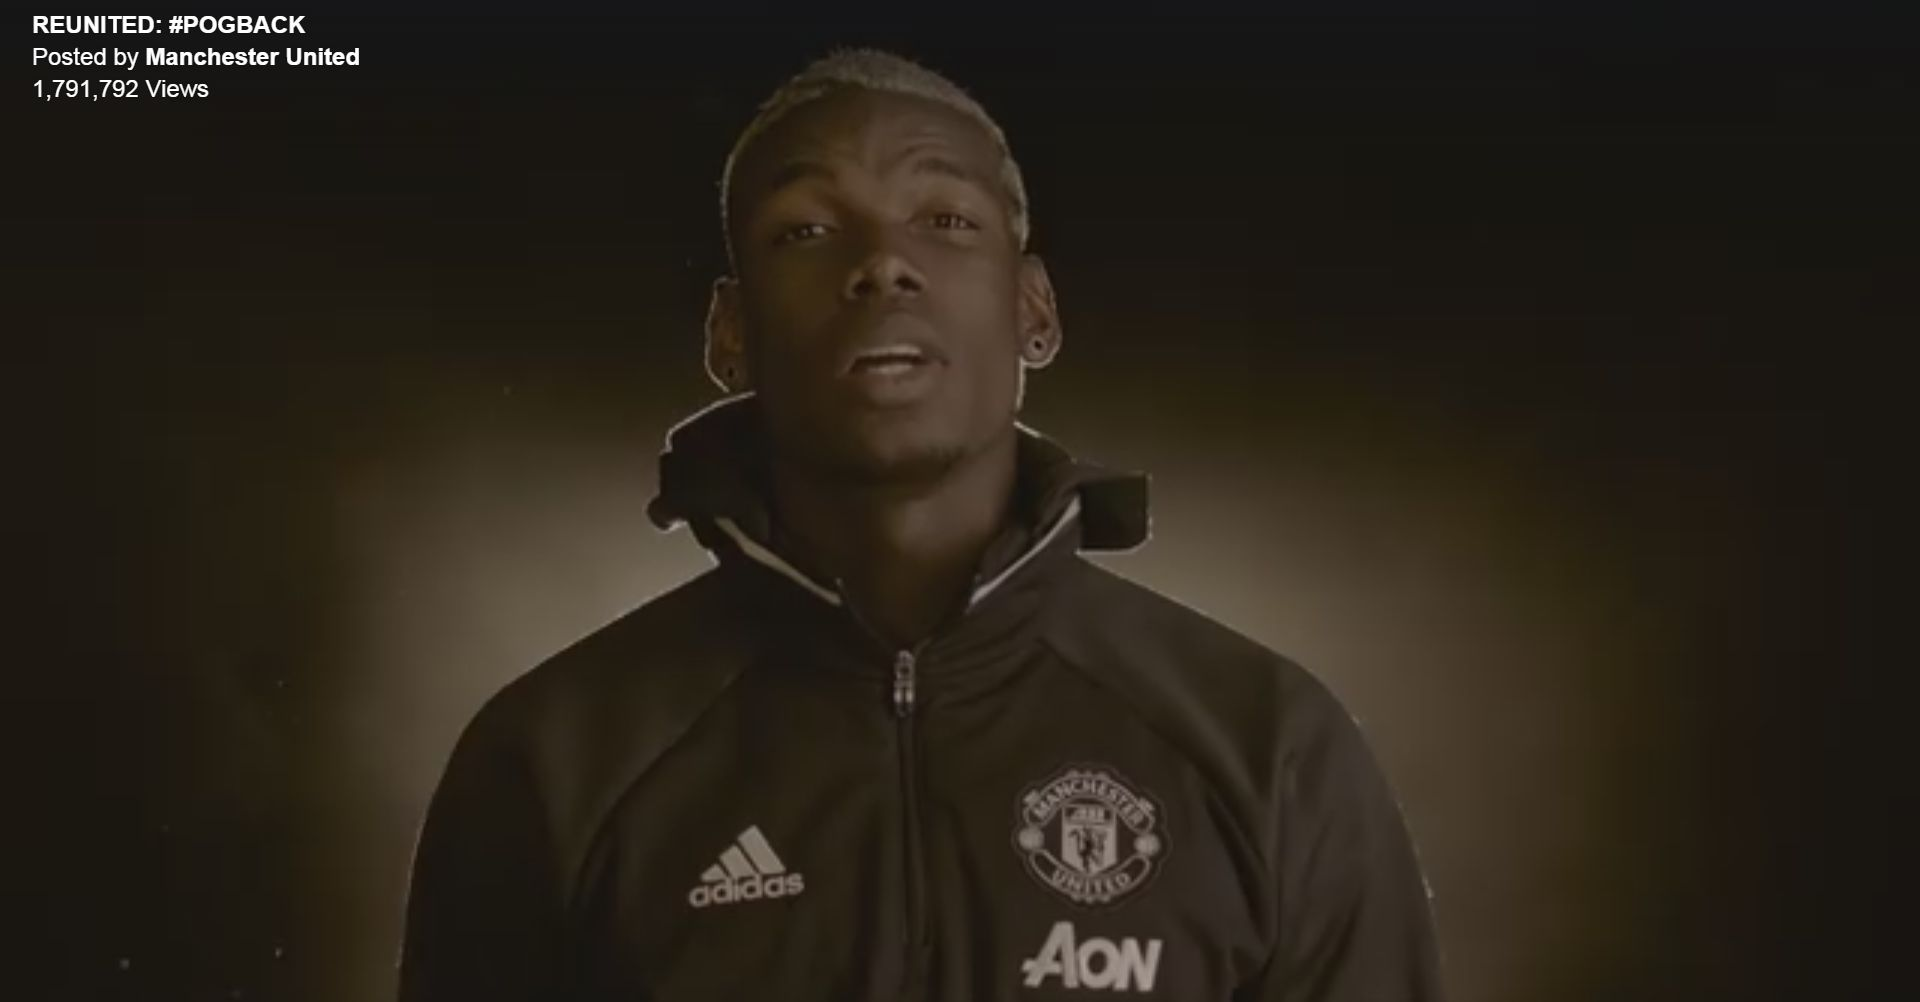 VIDEO: GOTOVO JE! Pogba i službeno Unitedov, postao najskuplji nogometaš u povijesti